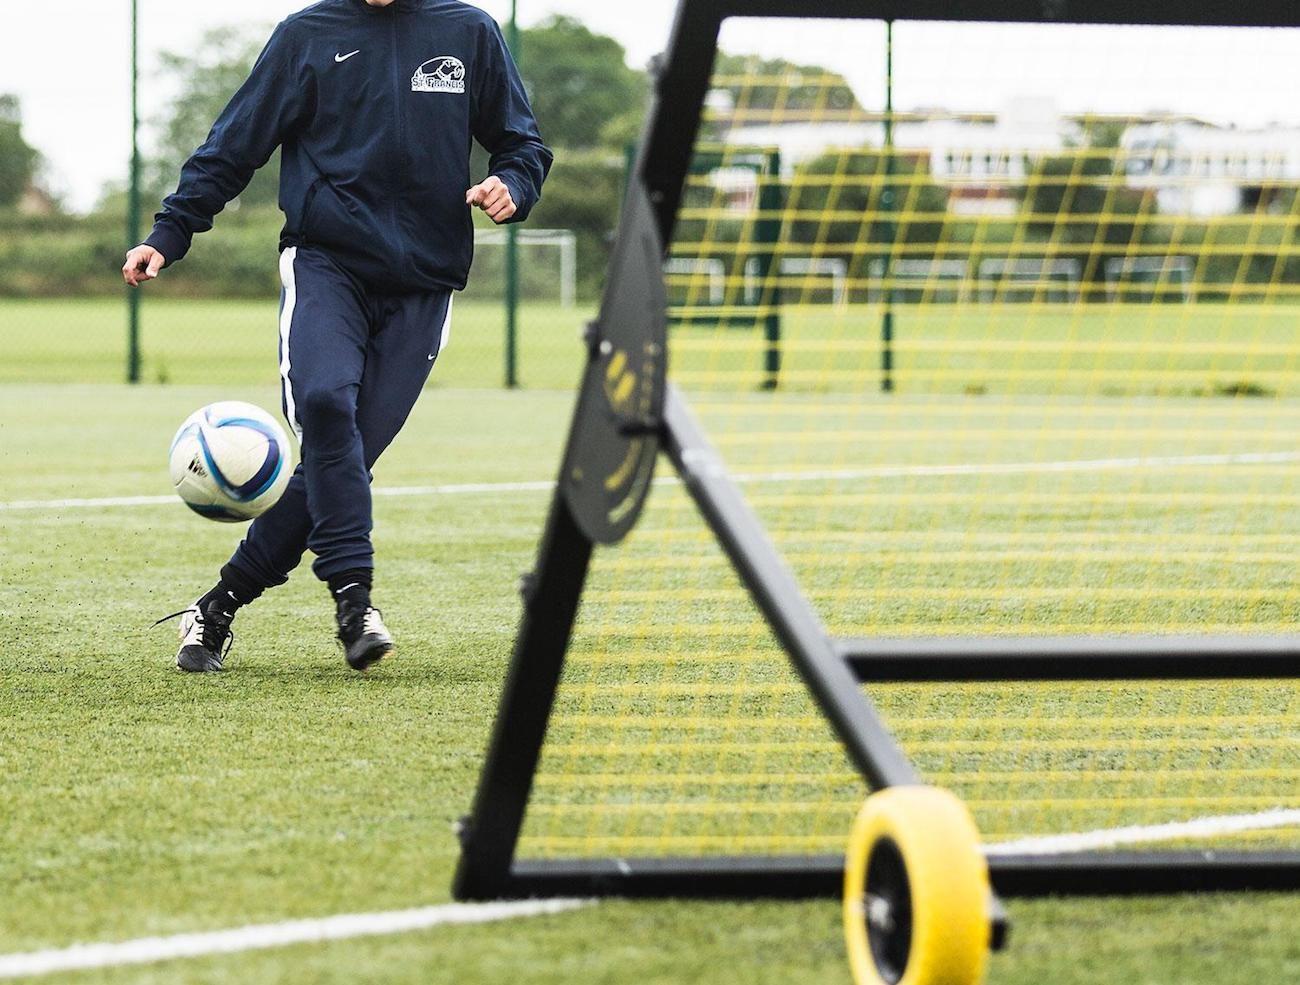 m-station Soccer Rebounder Training Net